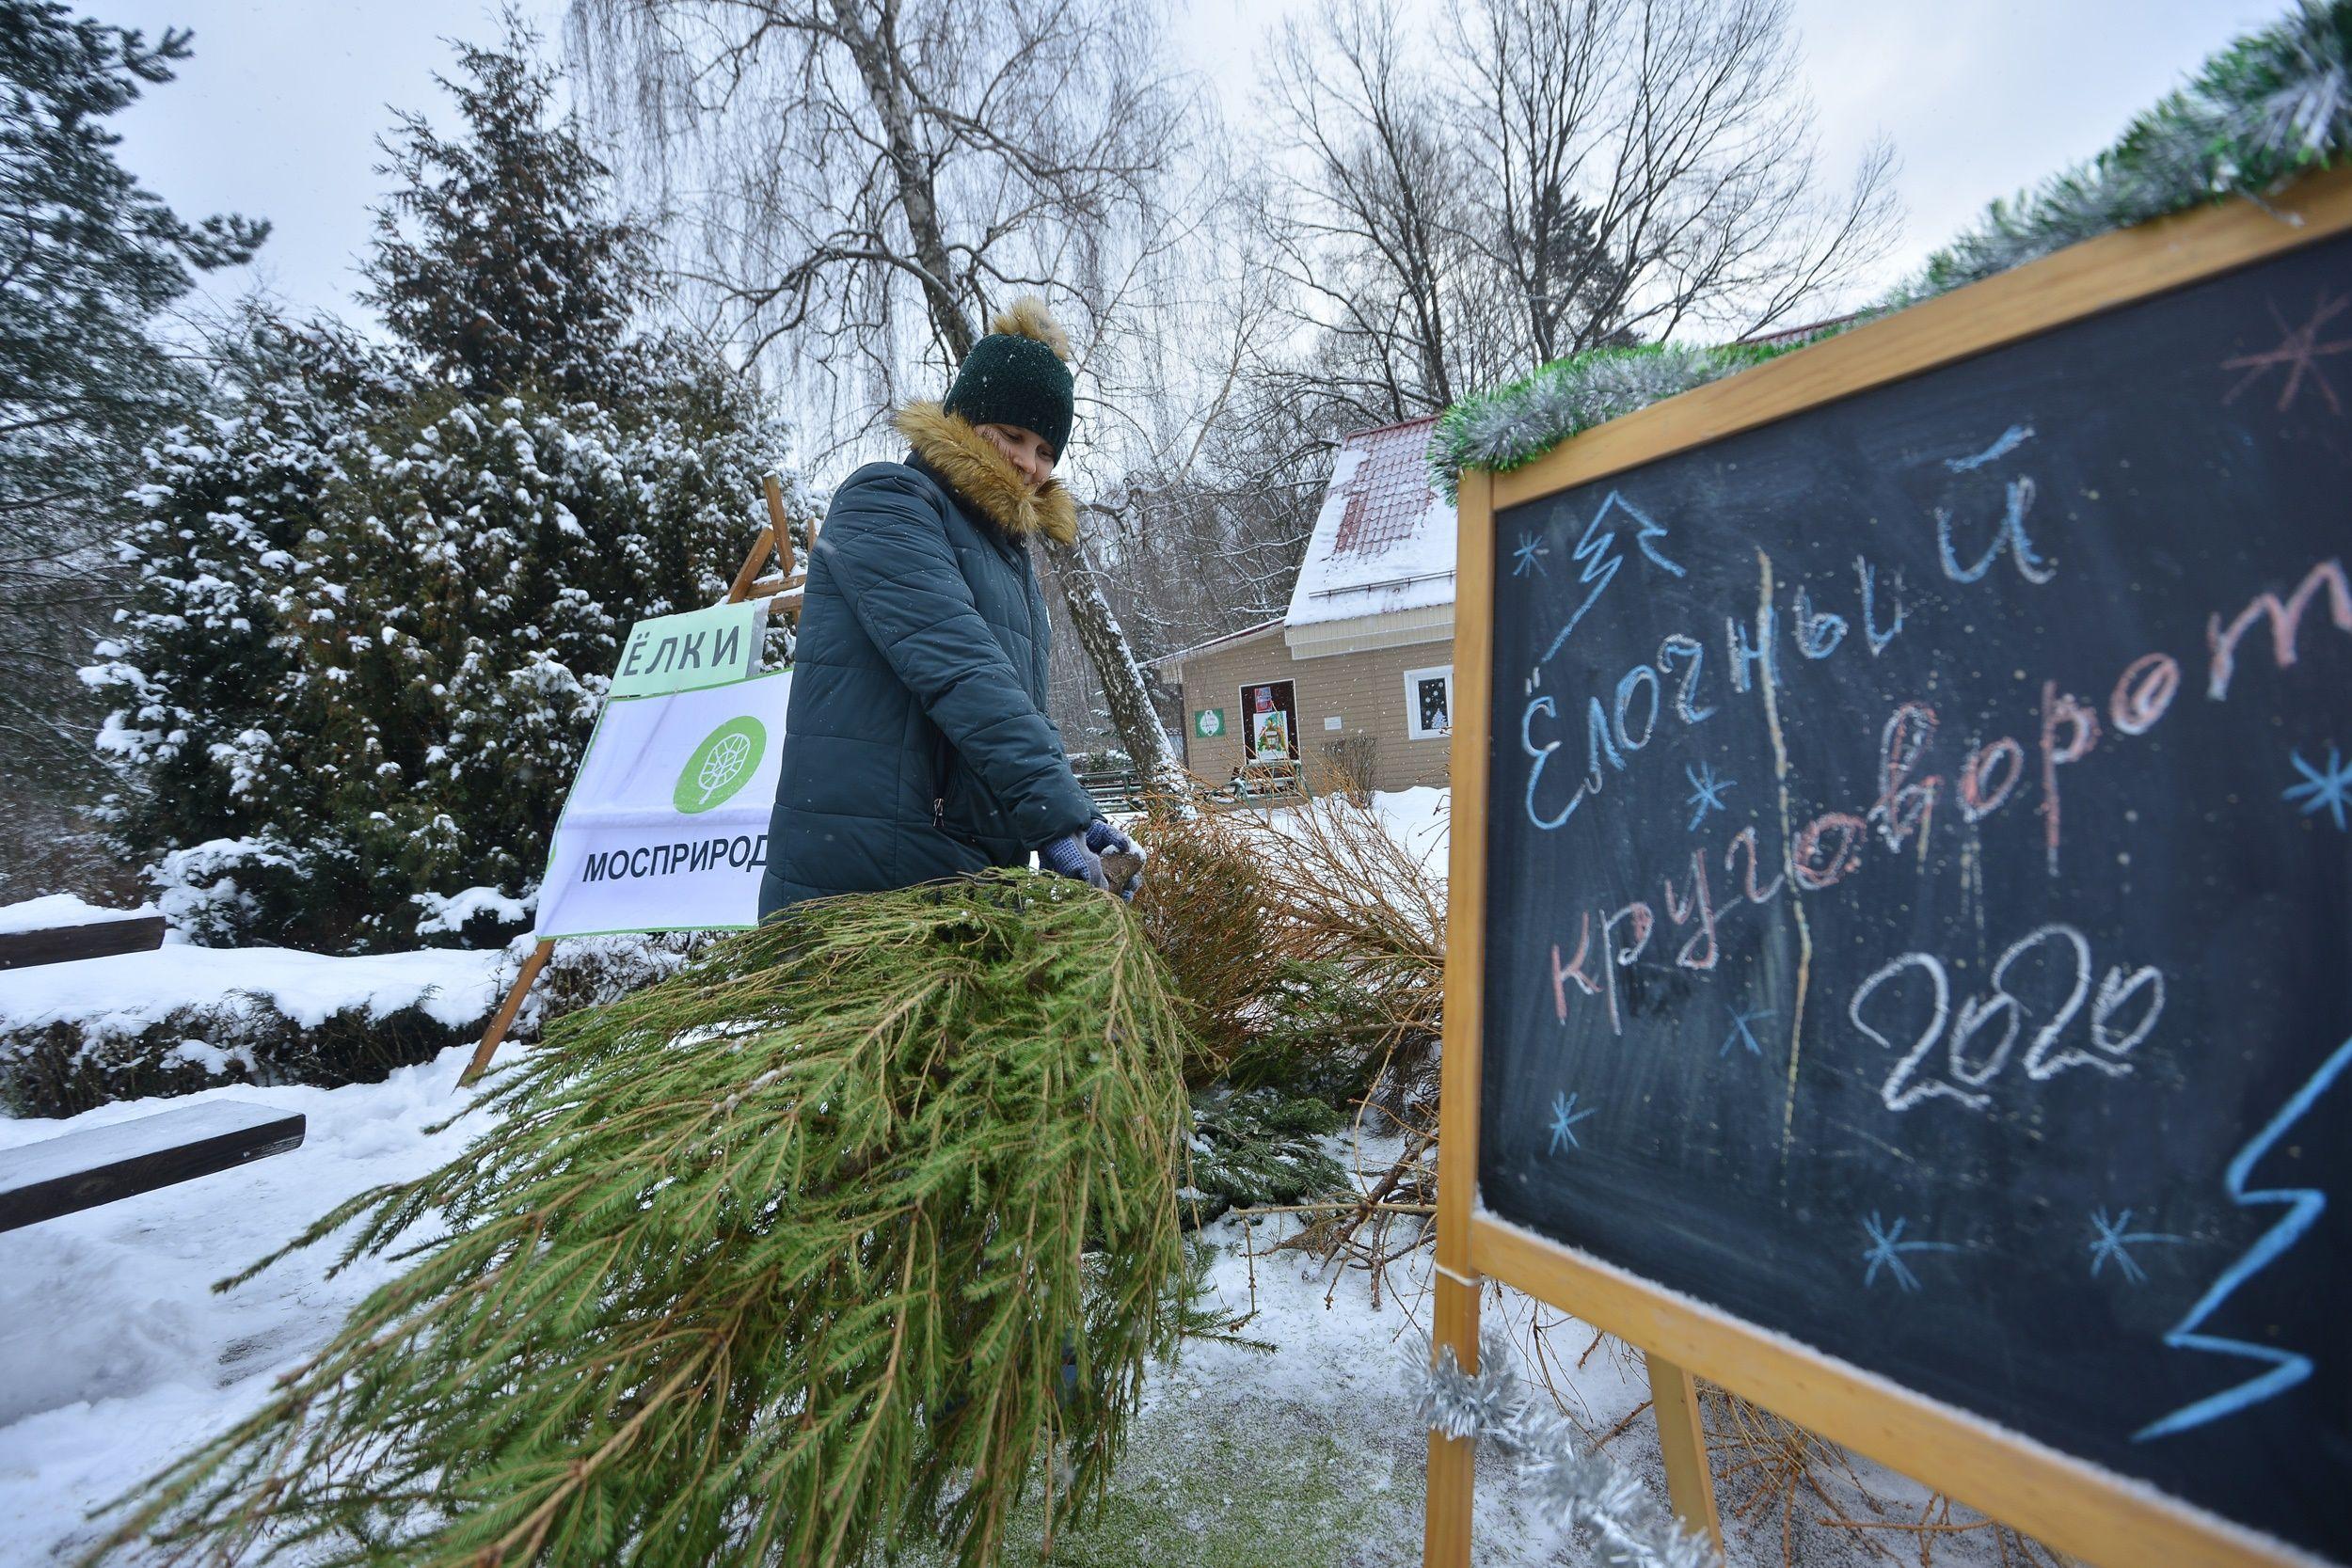 Москвичи сдали свыше 50 тысяч деревьев на переработку в 2020 году